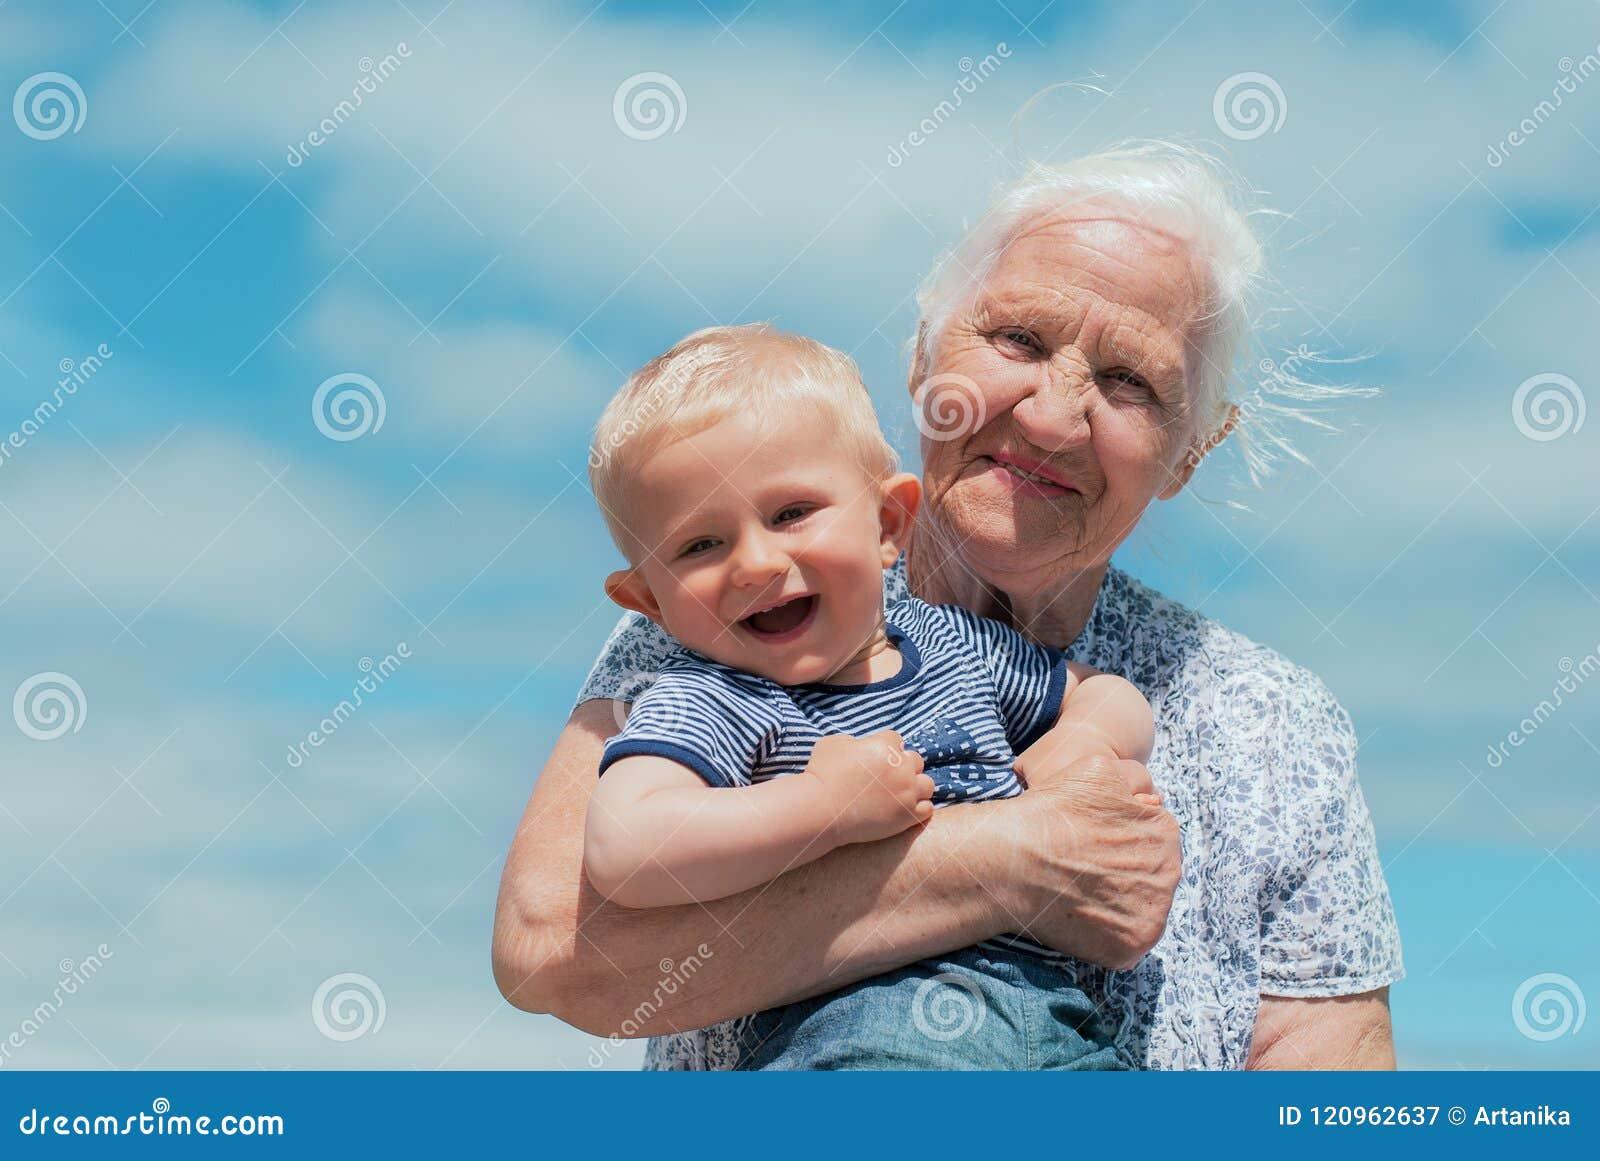 giovane maschio datazione donna anziana